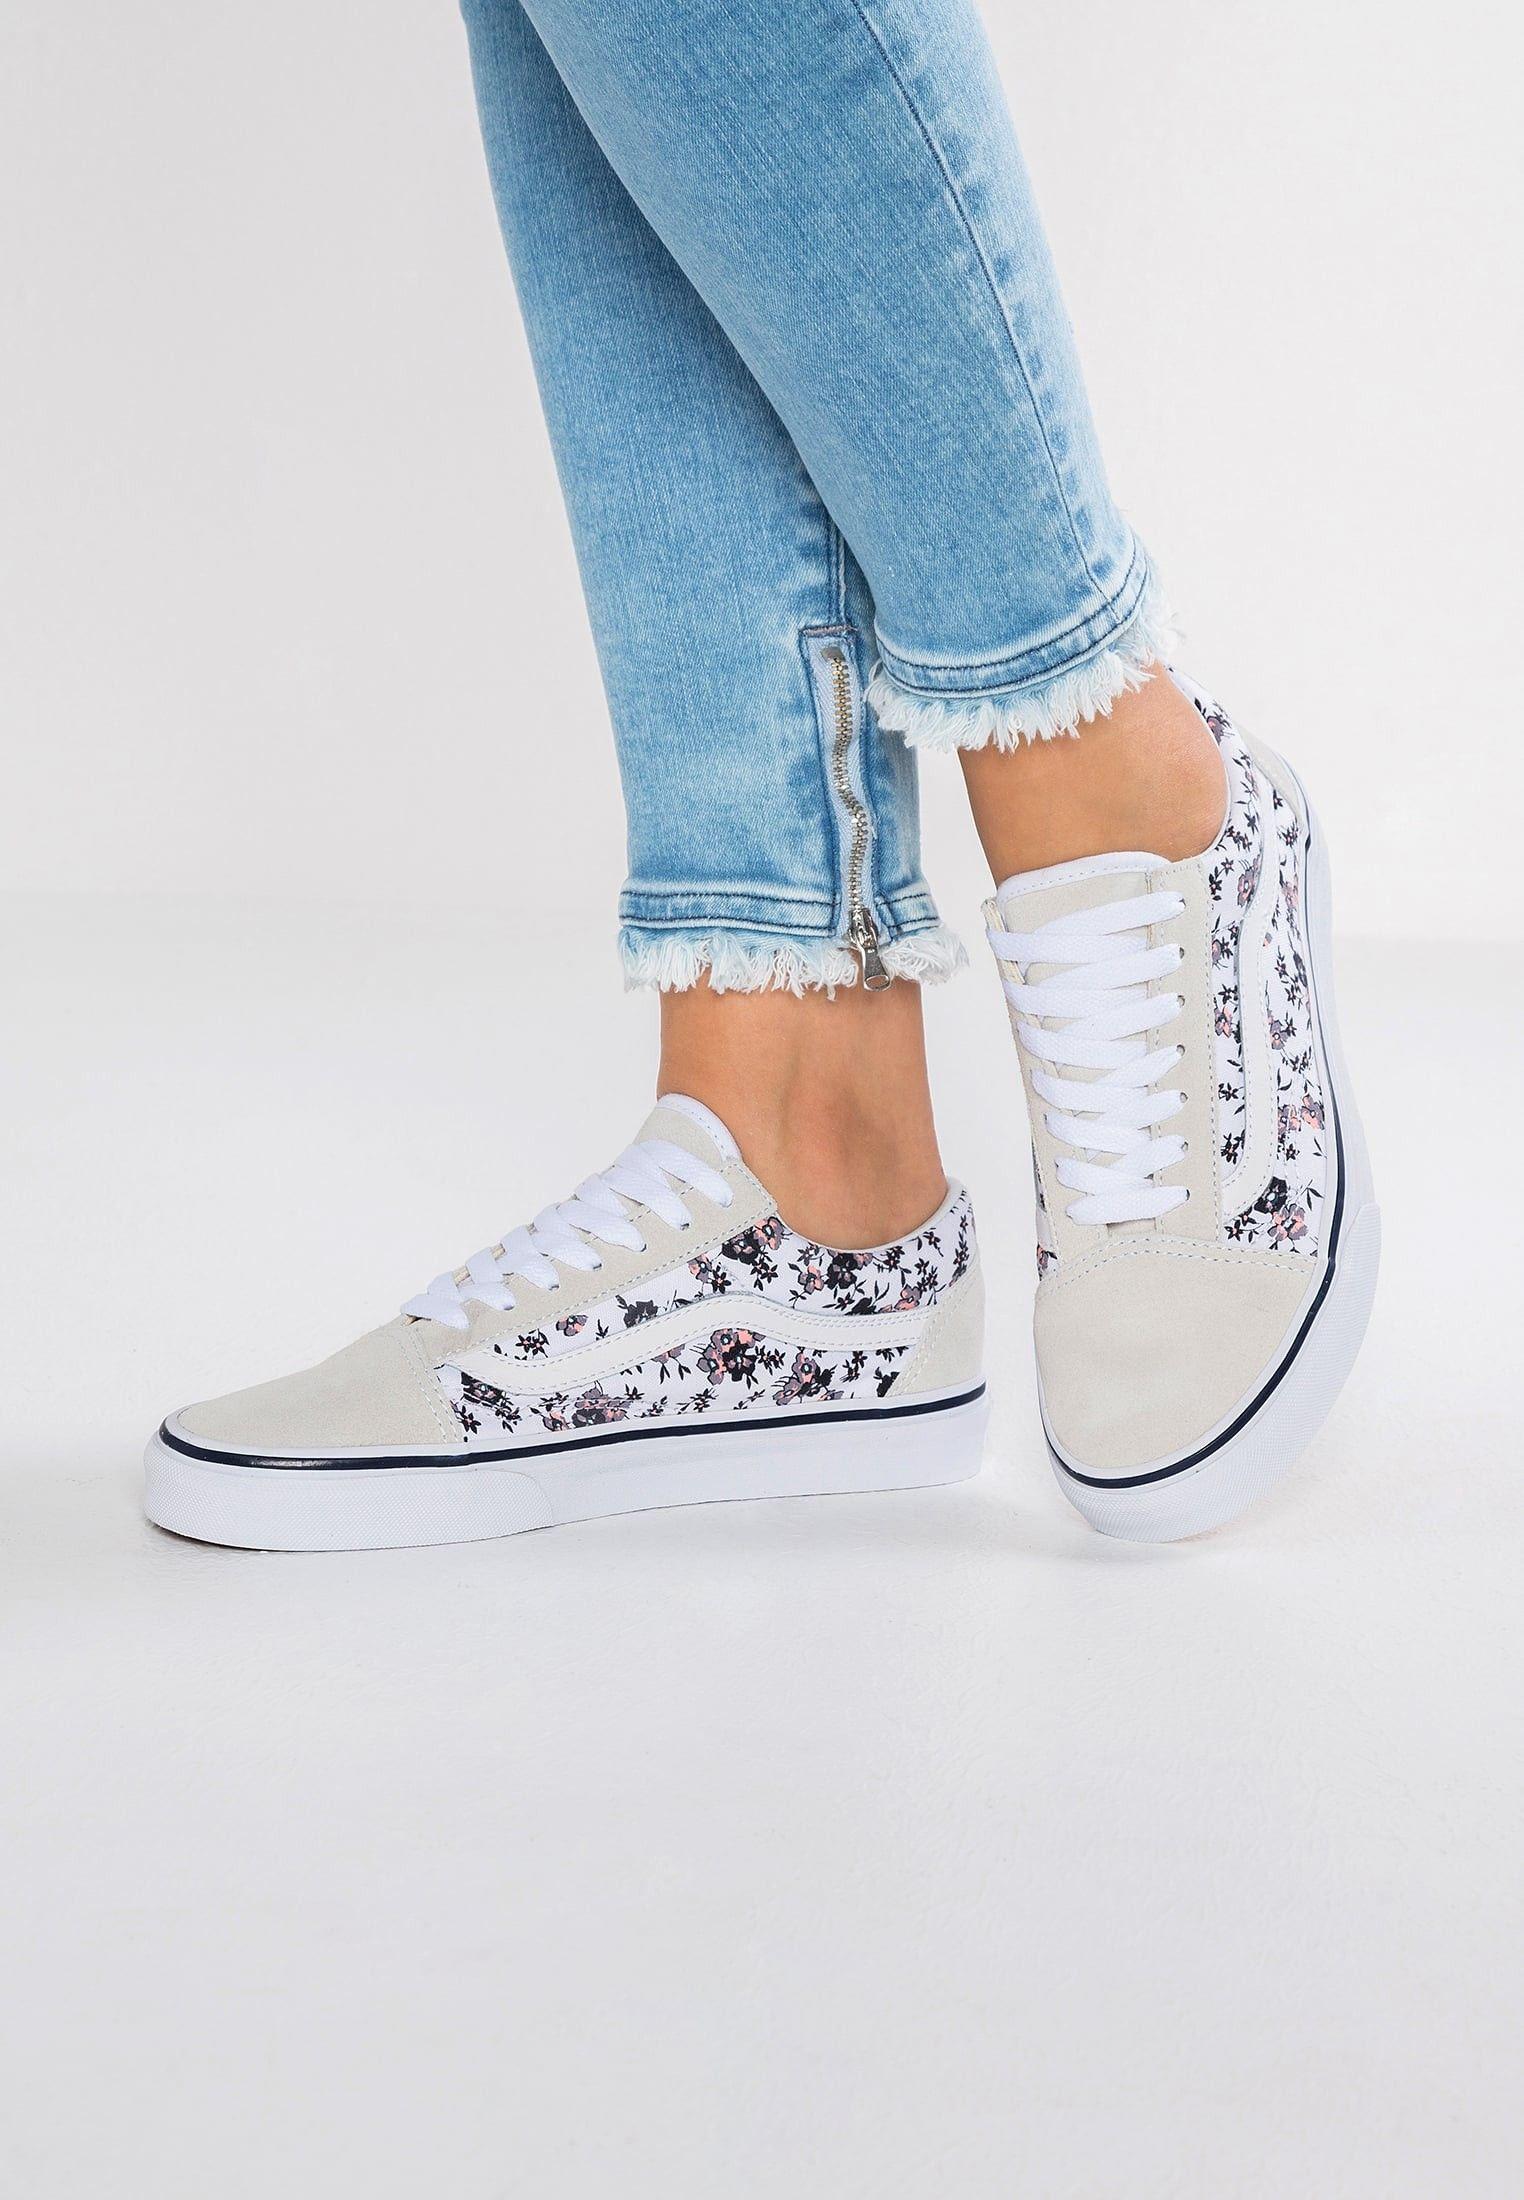 Damen Vans Old Skool Schuhe Low Multicolor Cool Grau Weiss Vans Schuhe Damen Schuhe Damen Schuhe